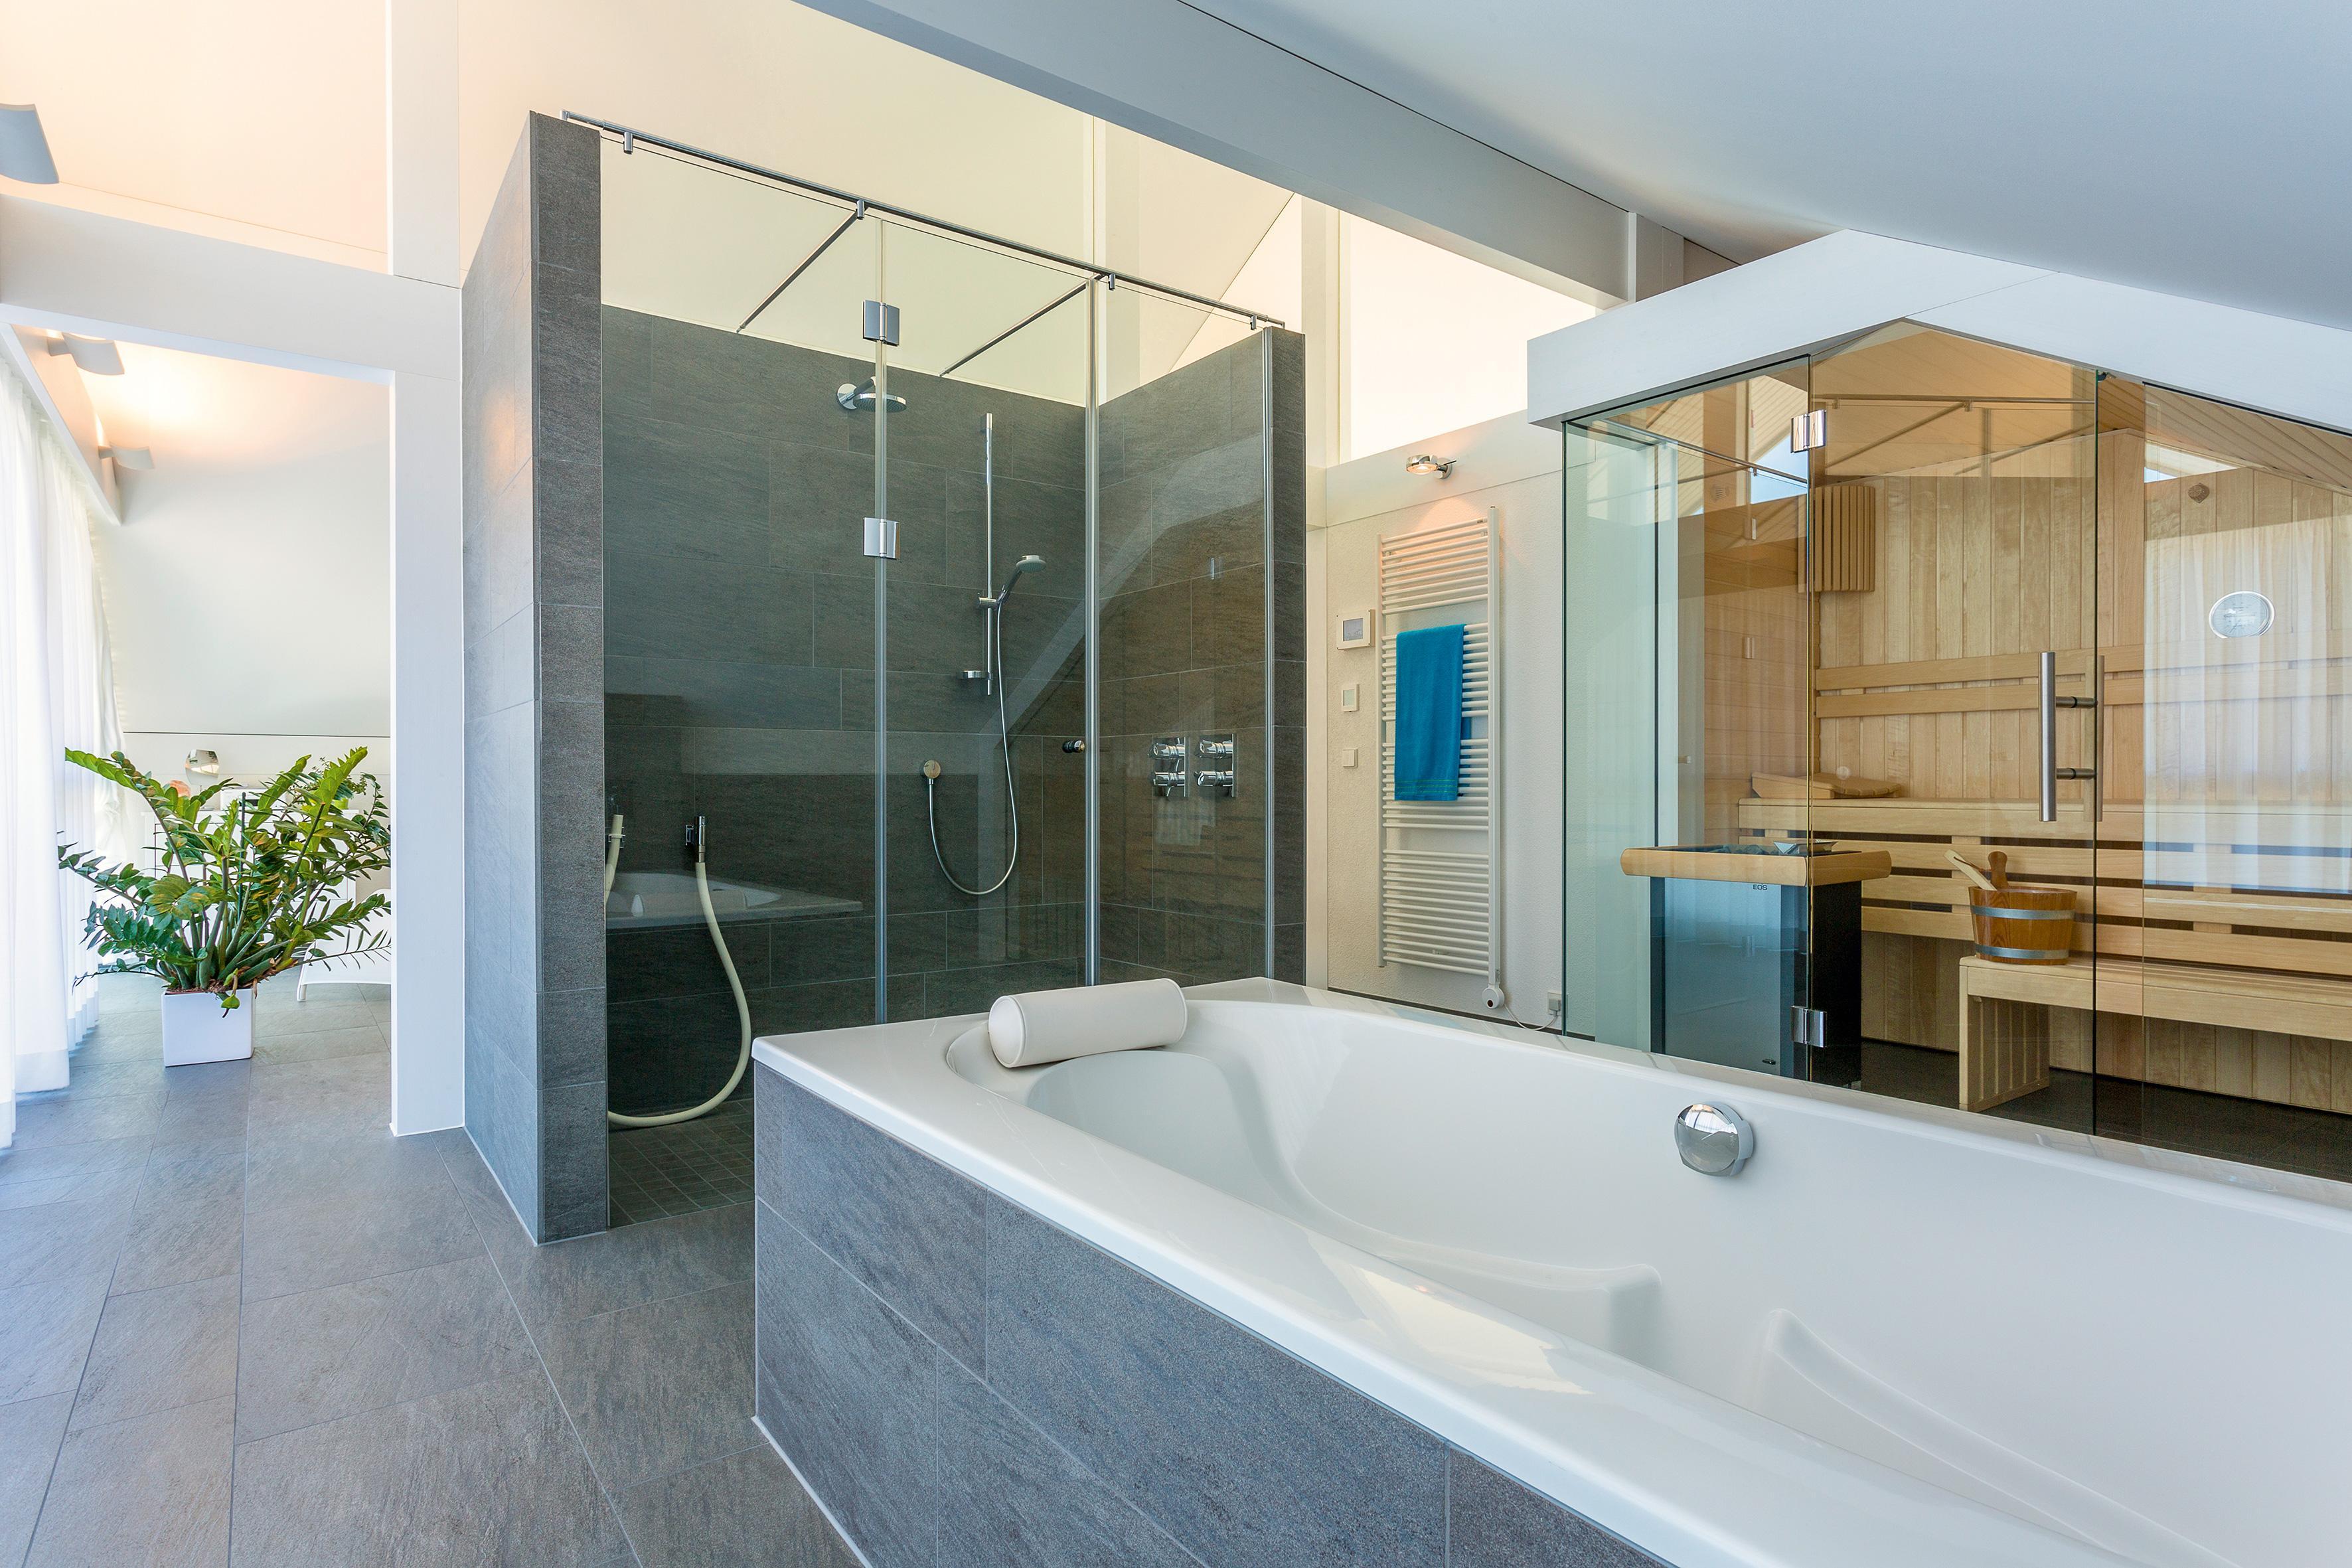 badezimmer mit sauna und freistehender badewanne ba. Black Bedroom Furniture Sets. Home Design Ideas